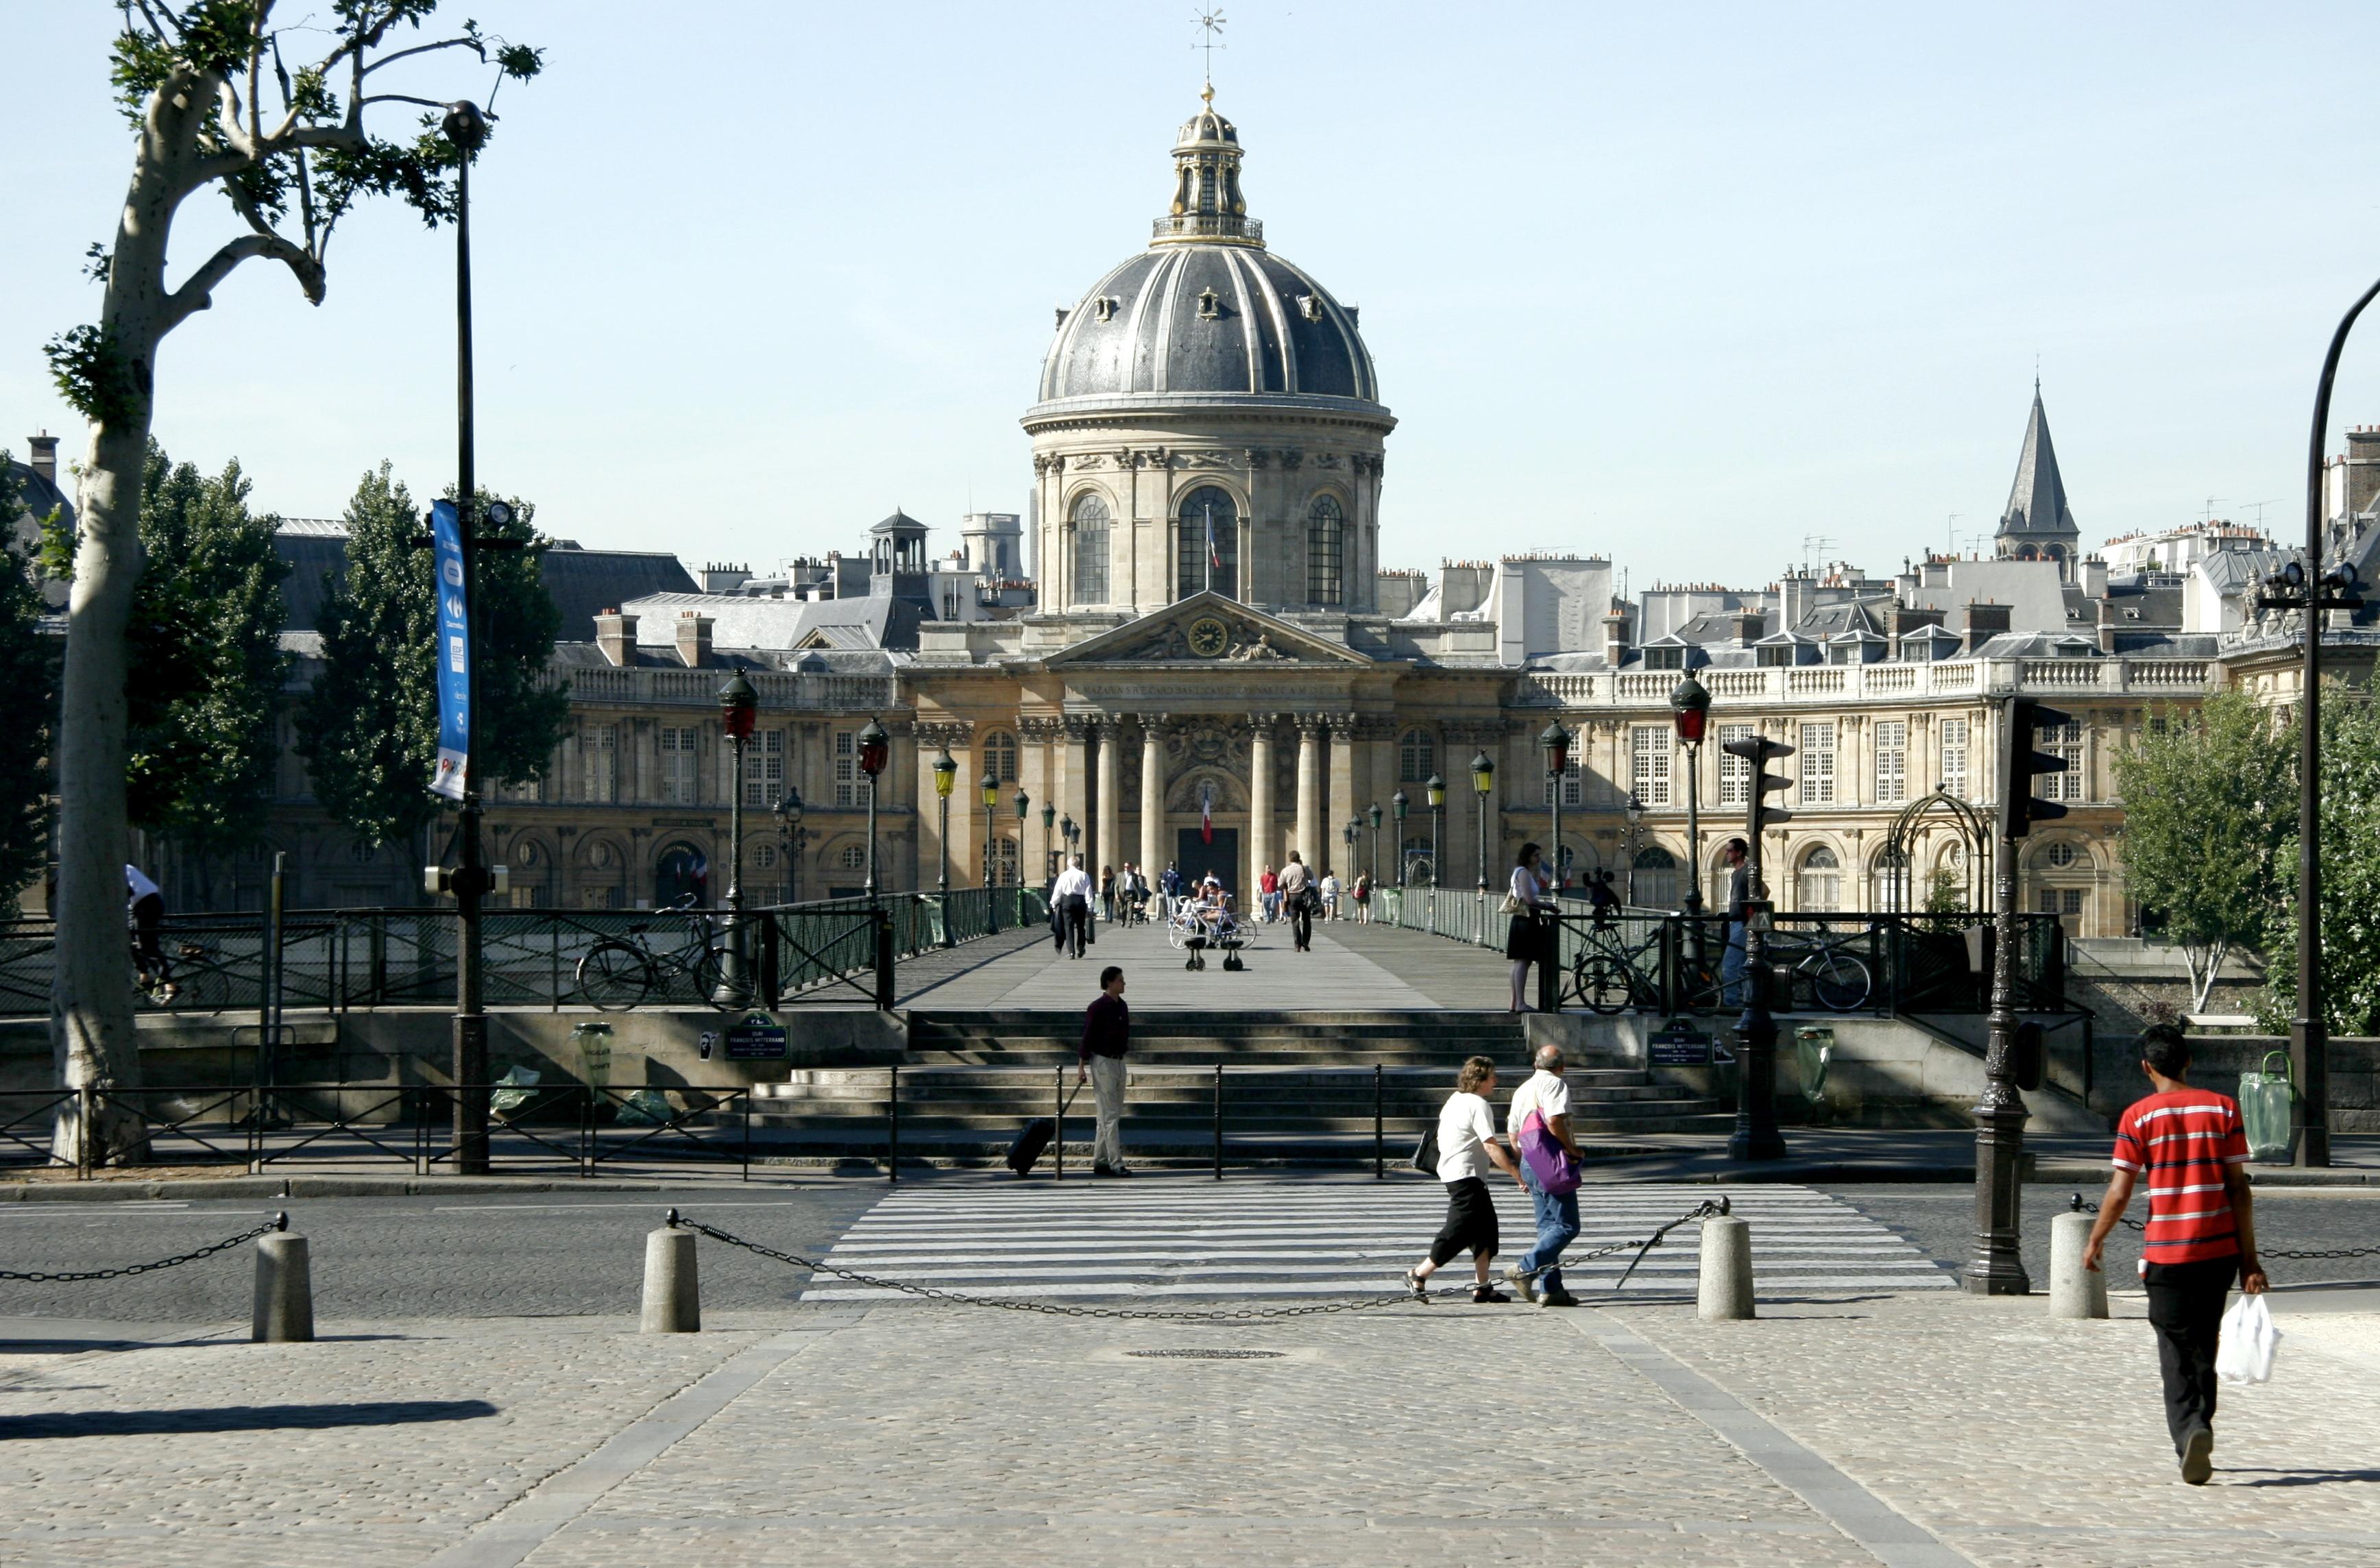 Institut-de-france-pont-des-arts.jpg